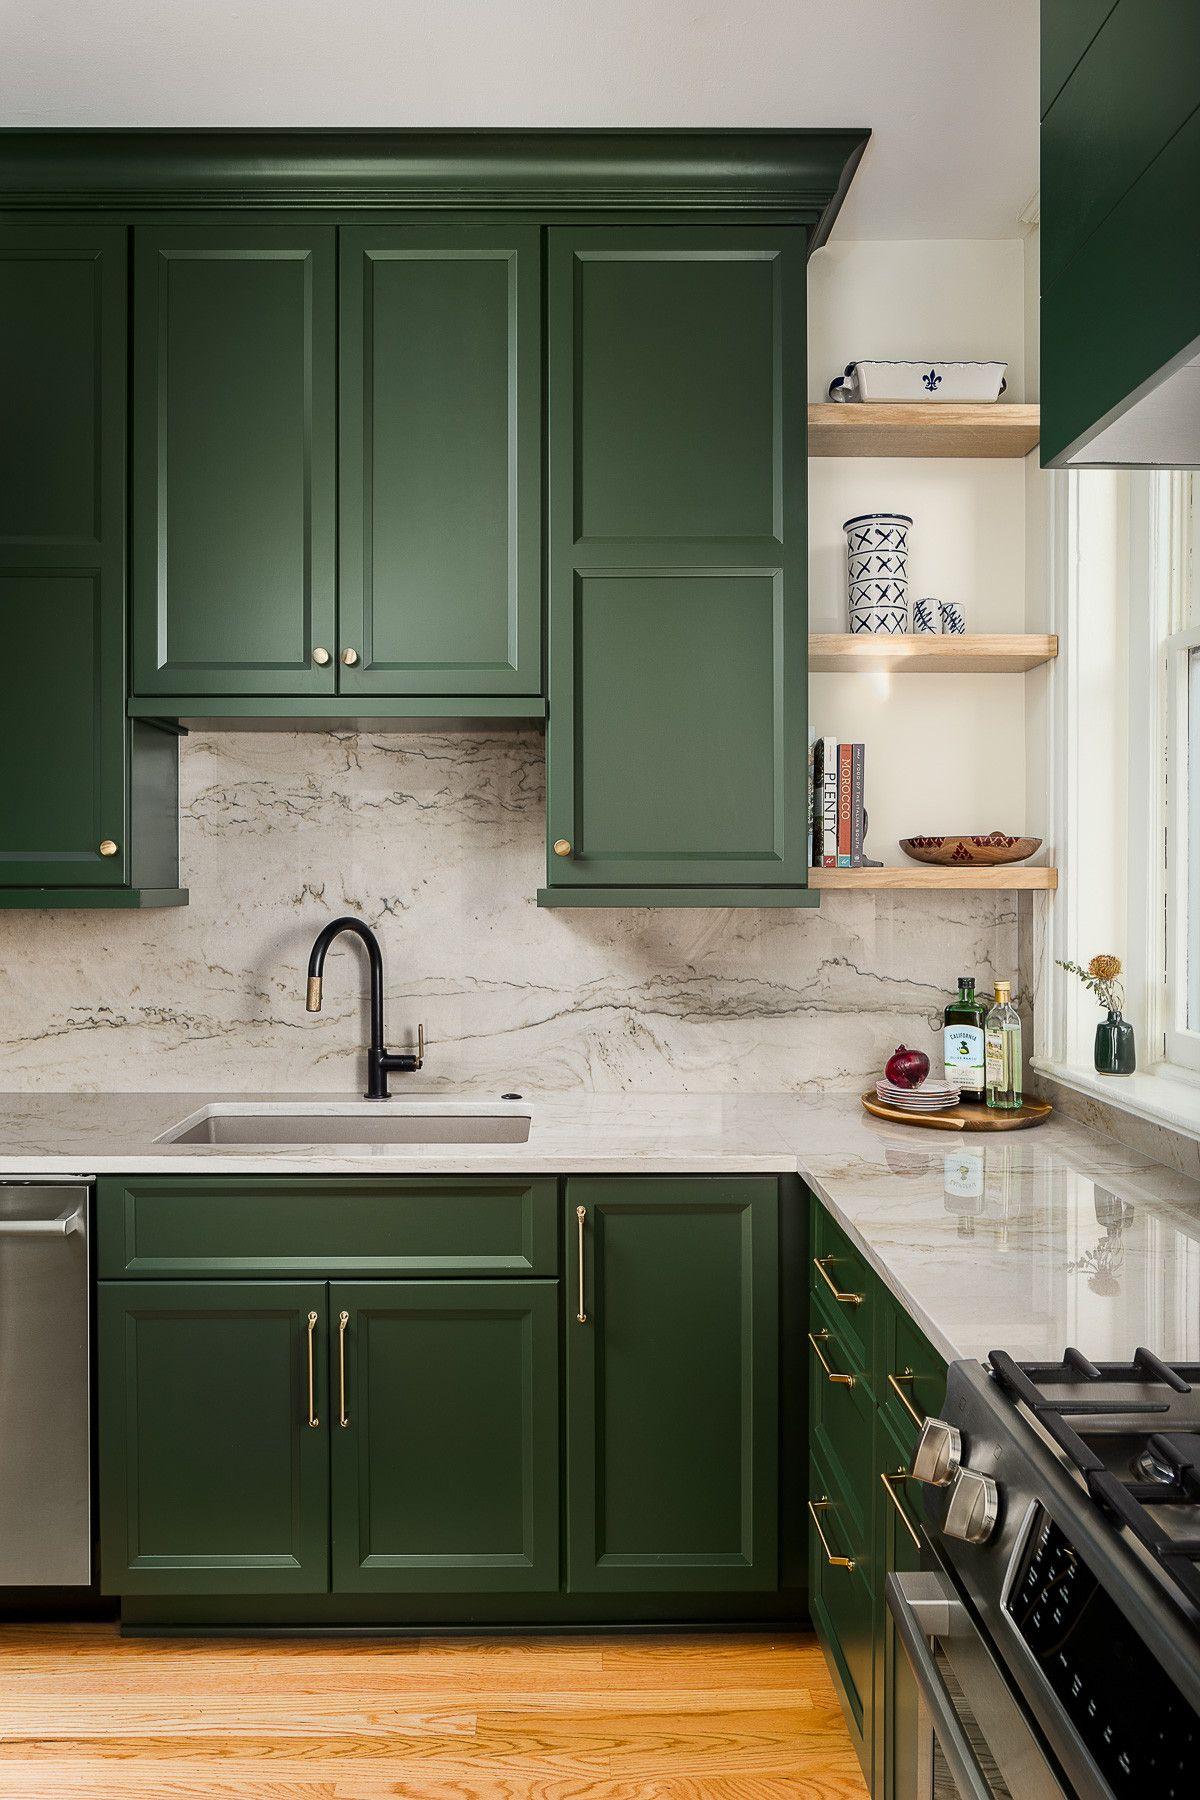 Le blanc et le vert devraient être une palette de couleurs de cuisine à la mode en 2021